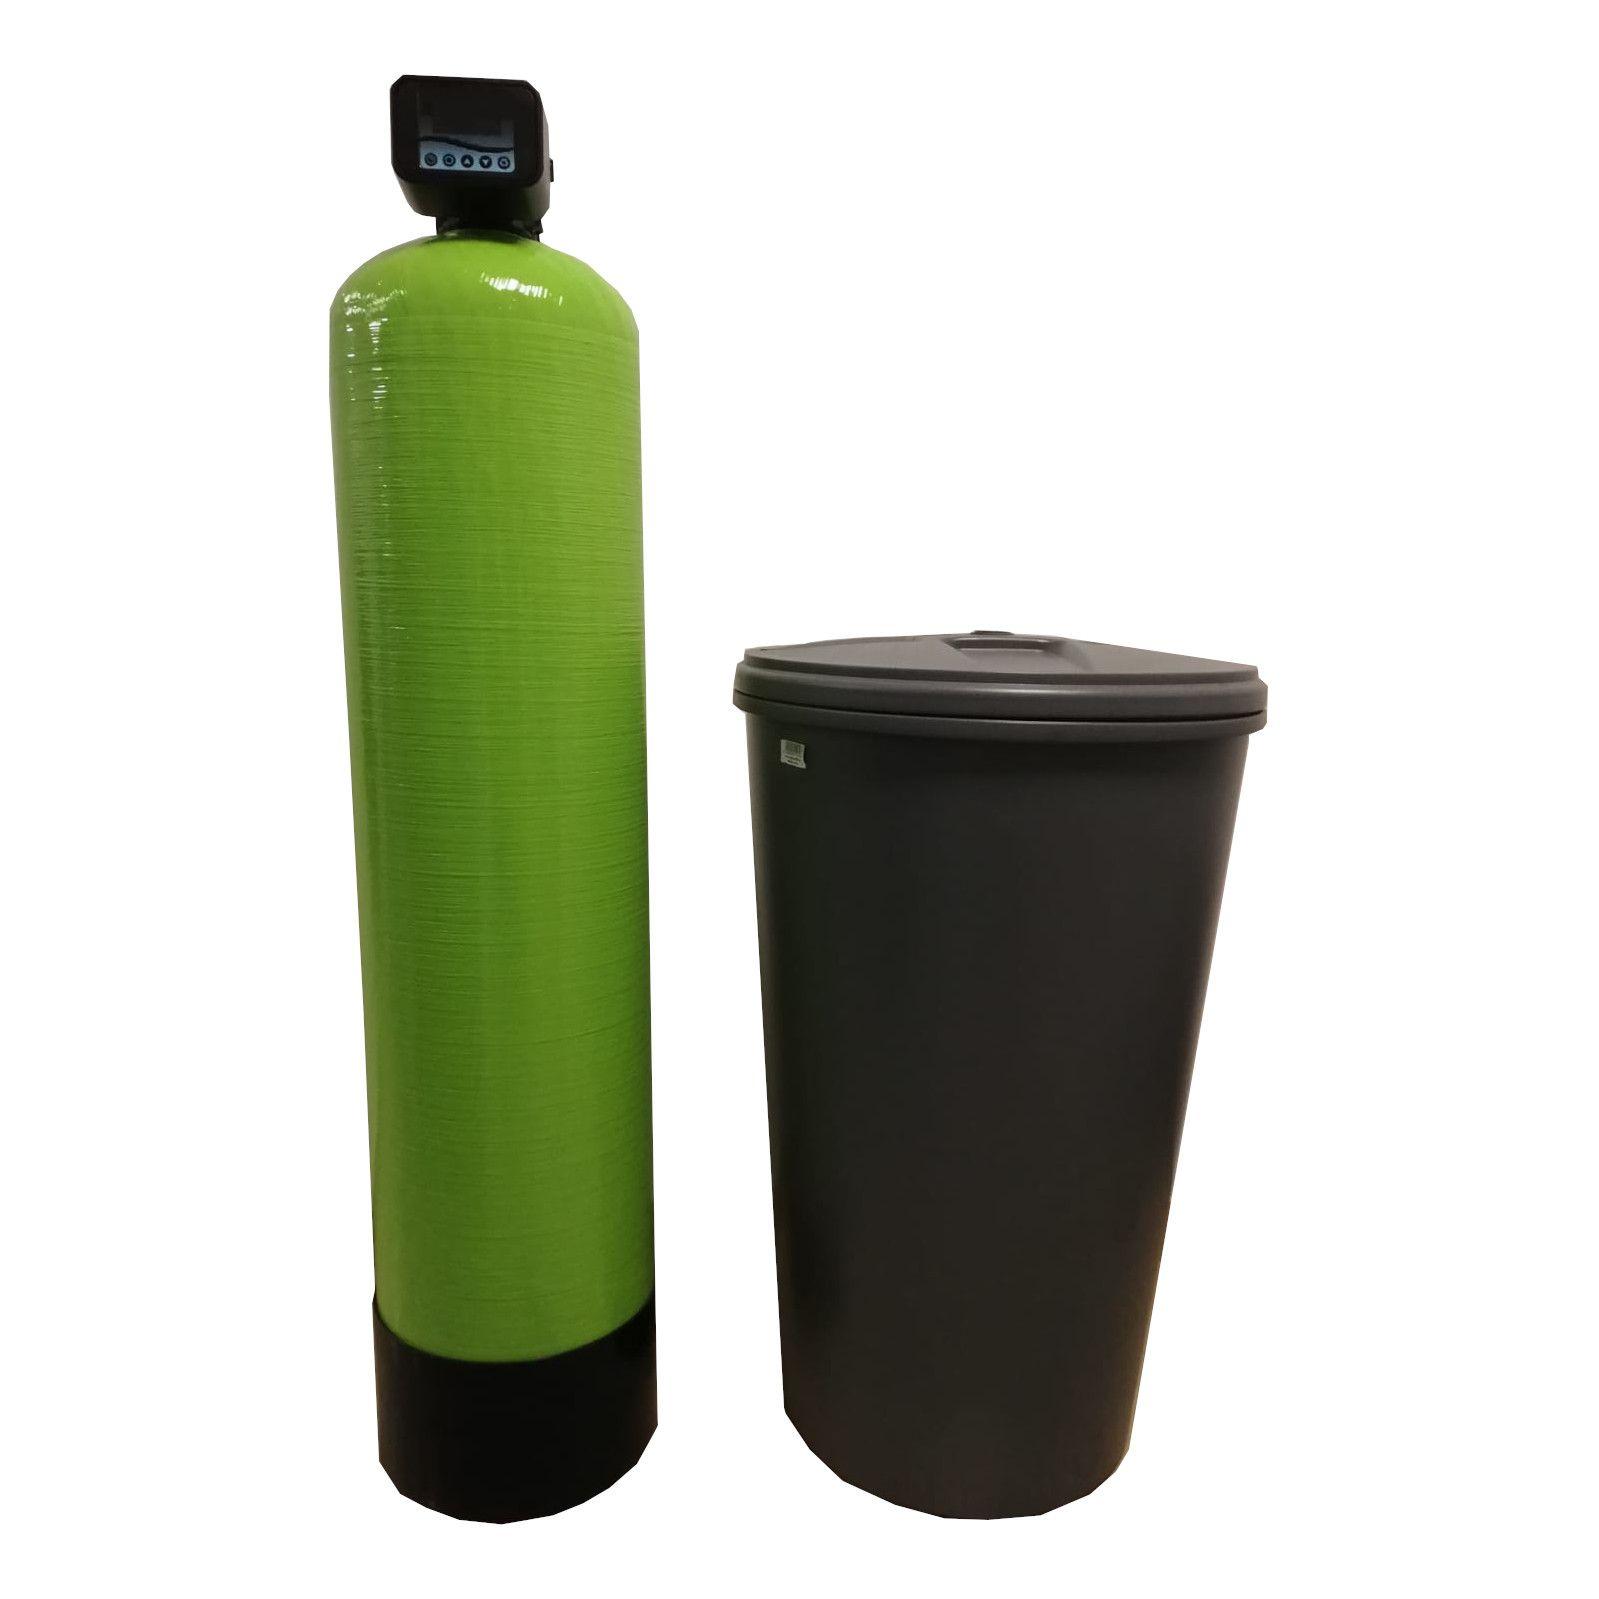 Dedurizator Simplex Aqua 70-S10C, Debit 4.2 mc/h, Capacitate filtrare 300.000 litri, Cartus din Rasina Cationica - AquaFilters.ro